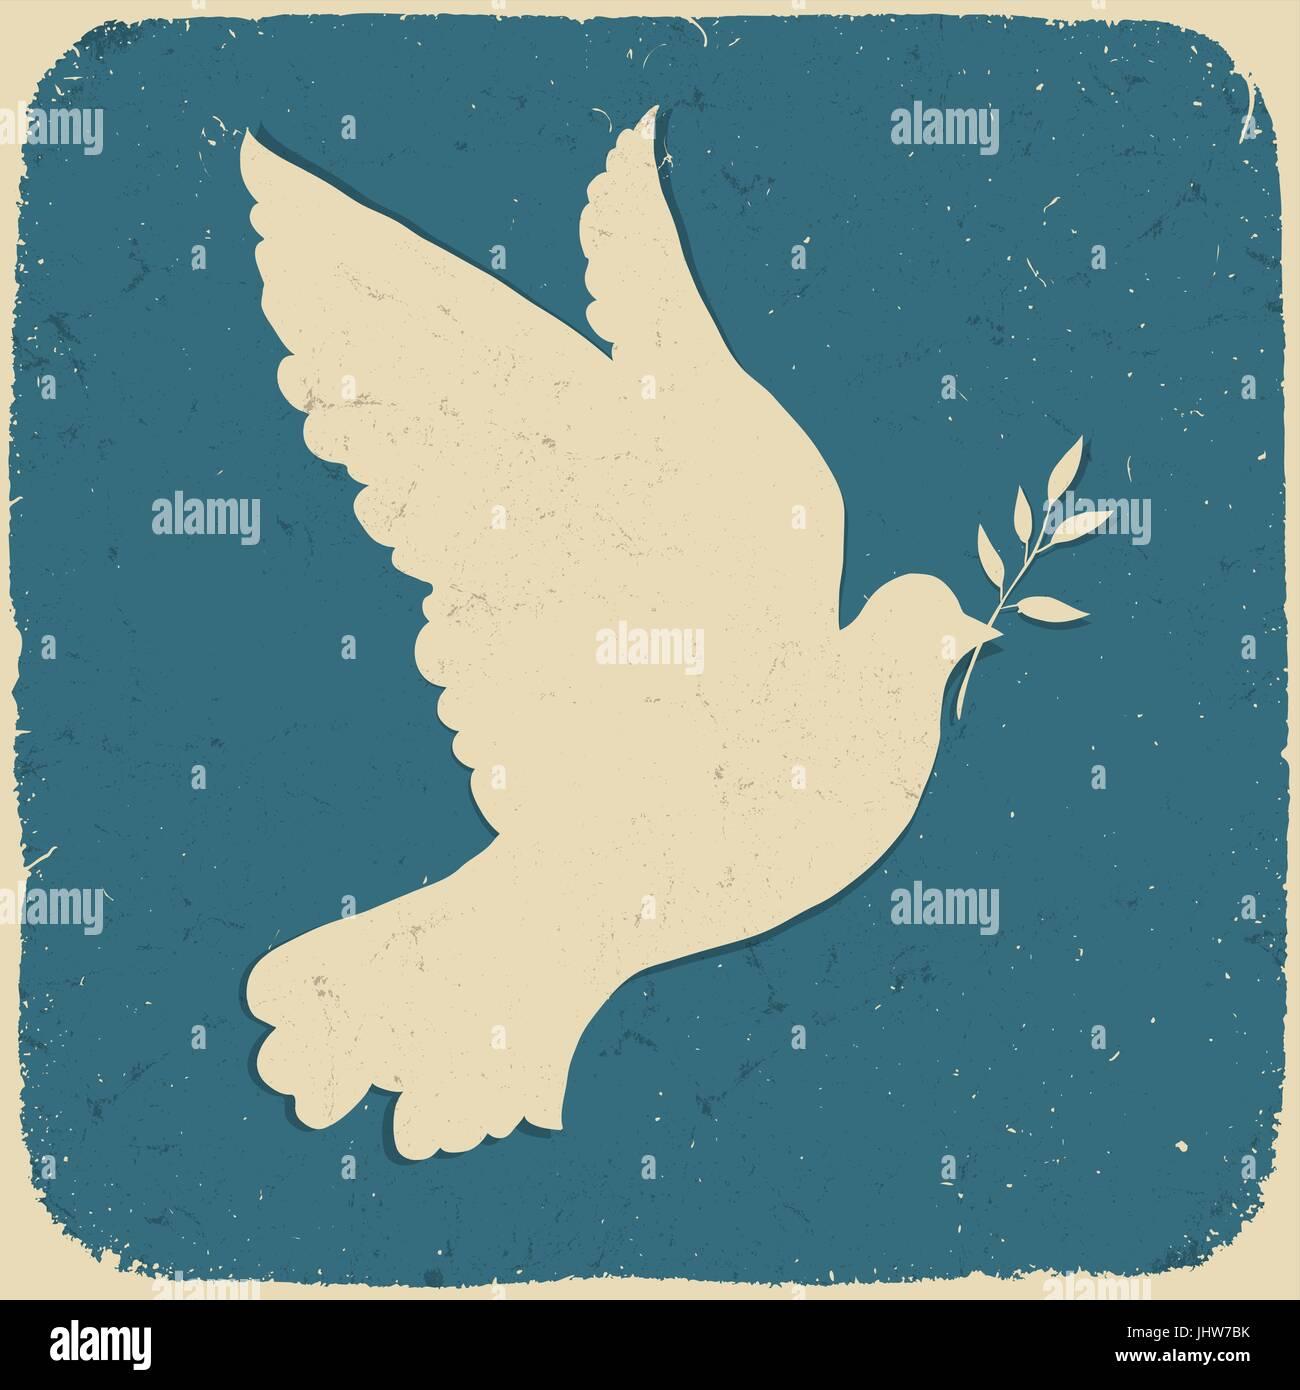 Colomba della Pace. In stile retrò illustrazione, vettore eps10. Immagini Stock